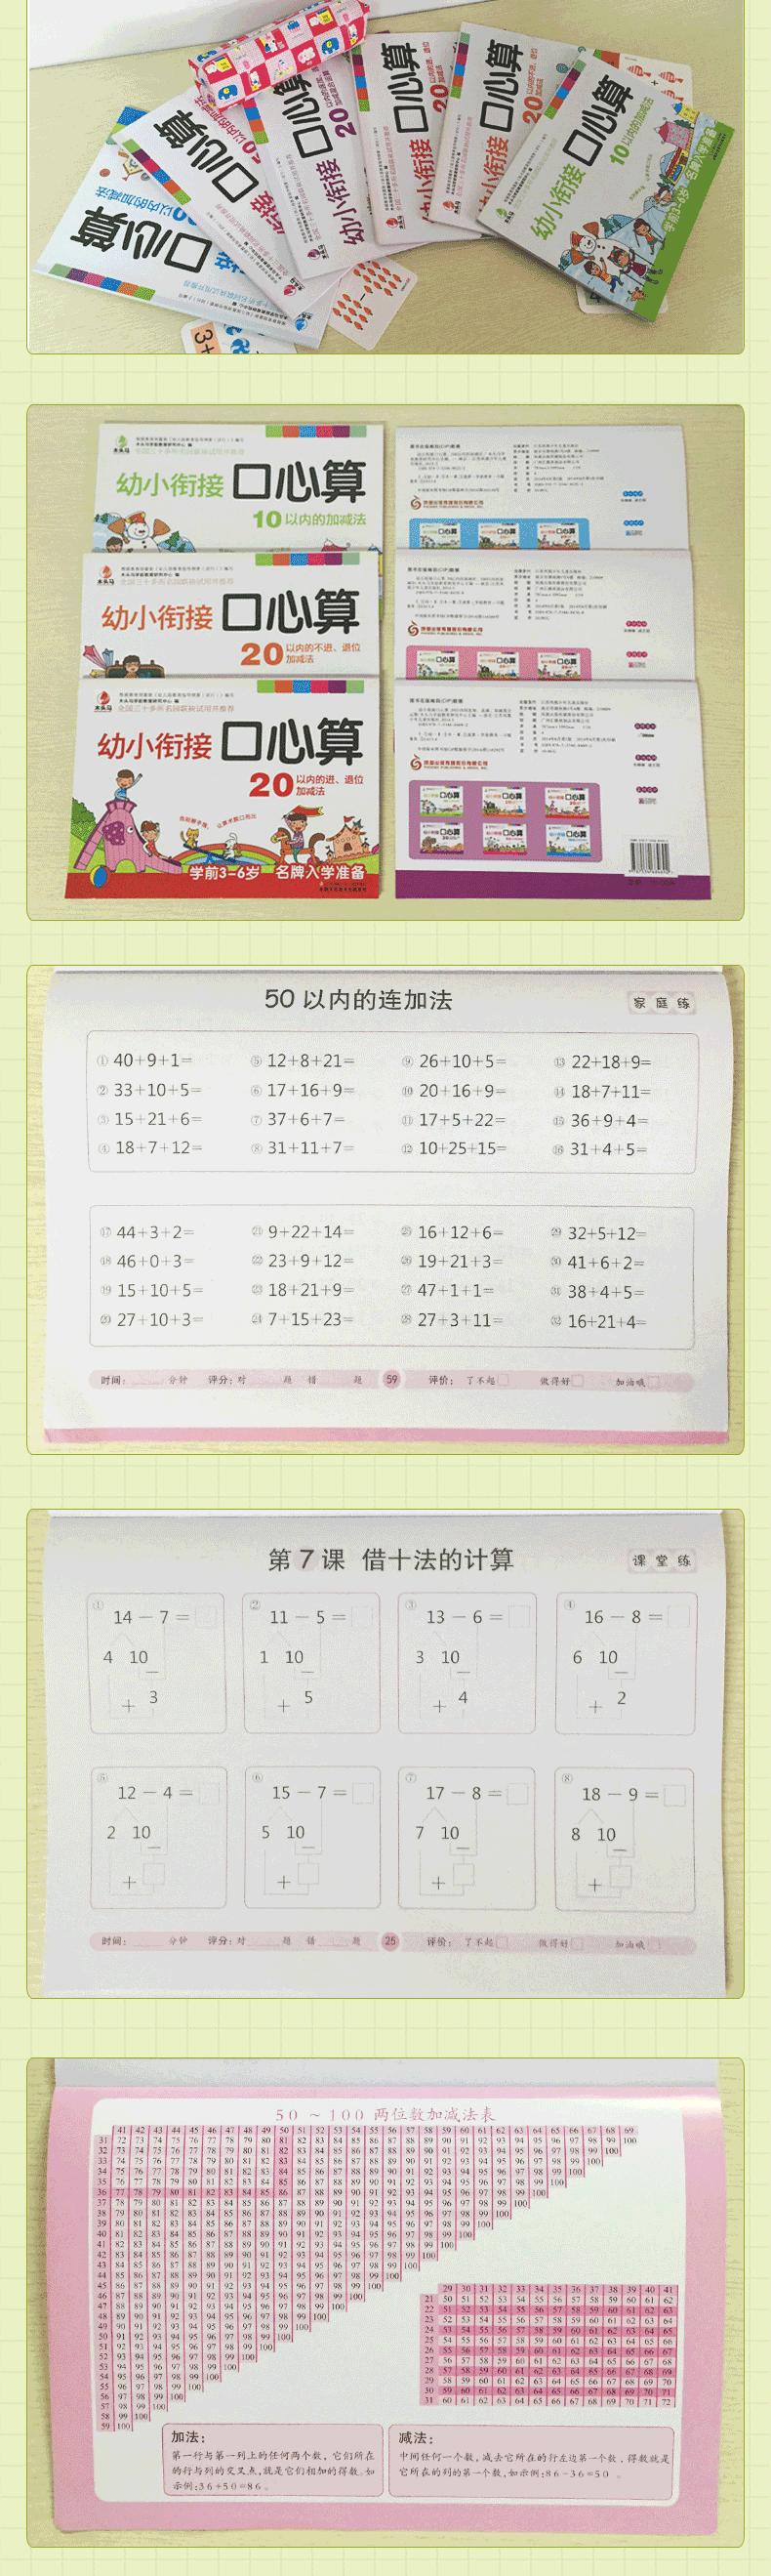 学前班数学题幼小衔接算数本幼儿园加减法大班幼小衔接一日一练口算心